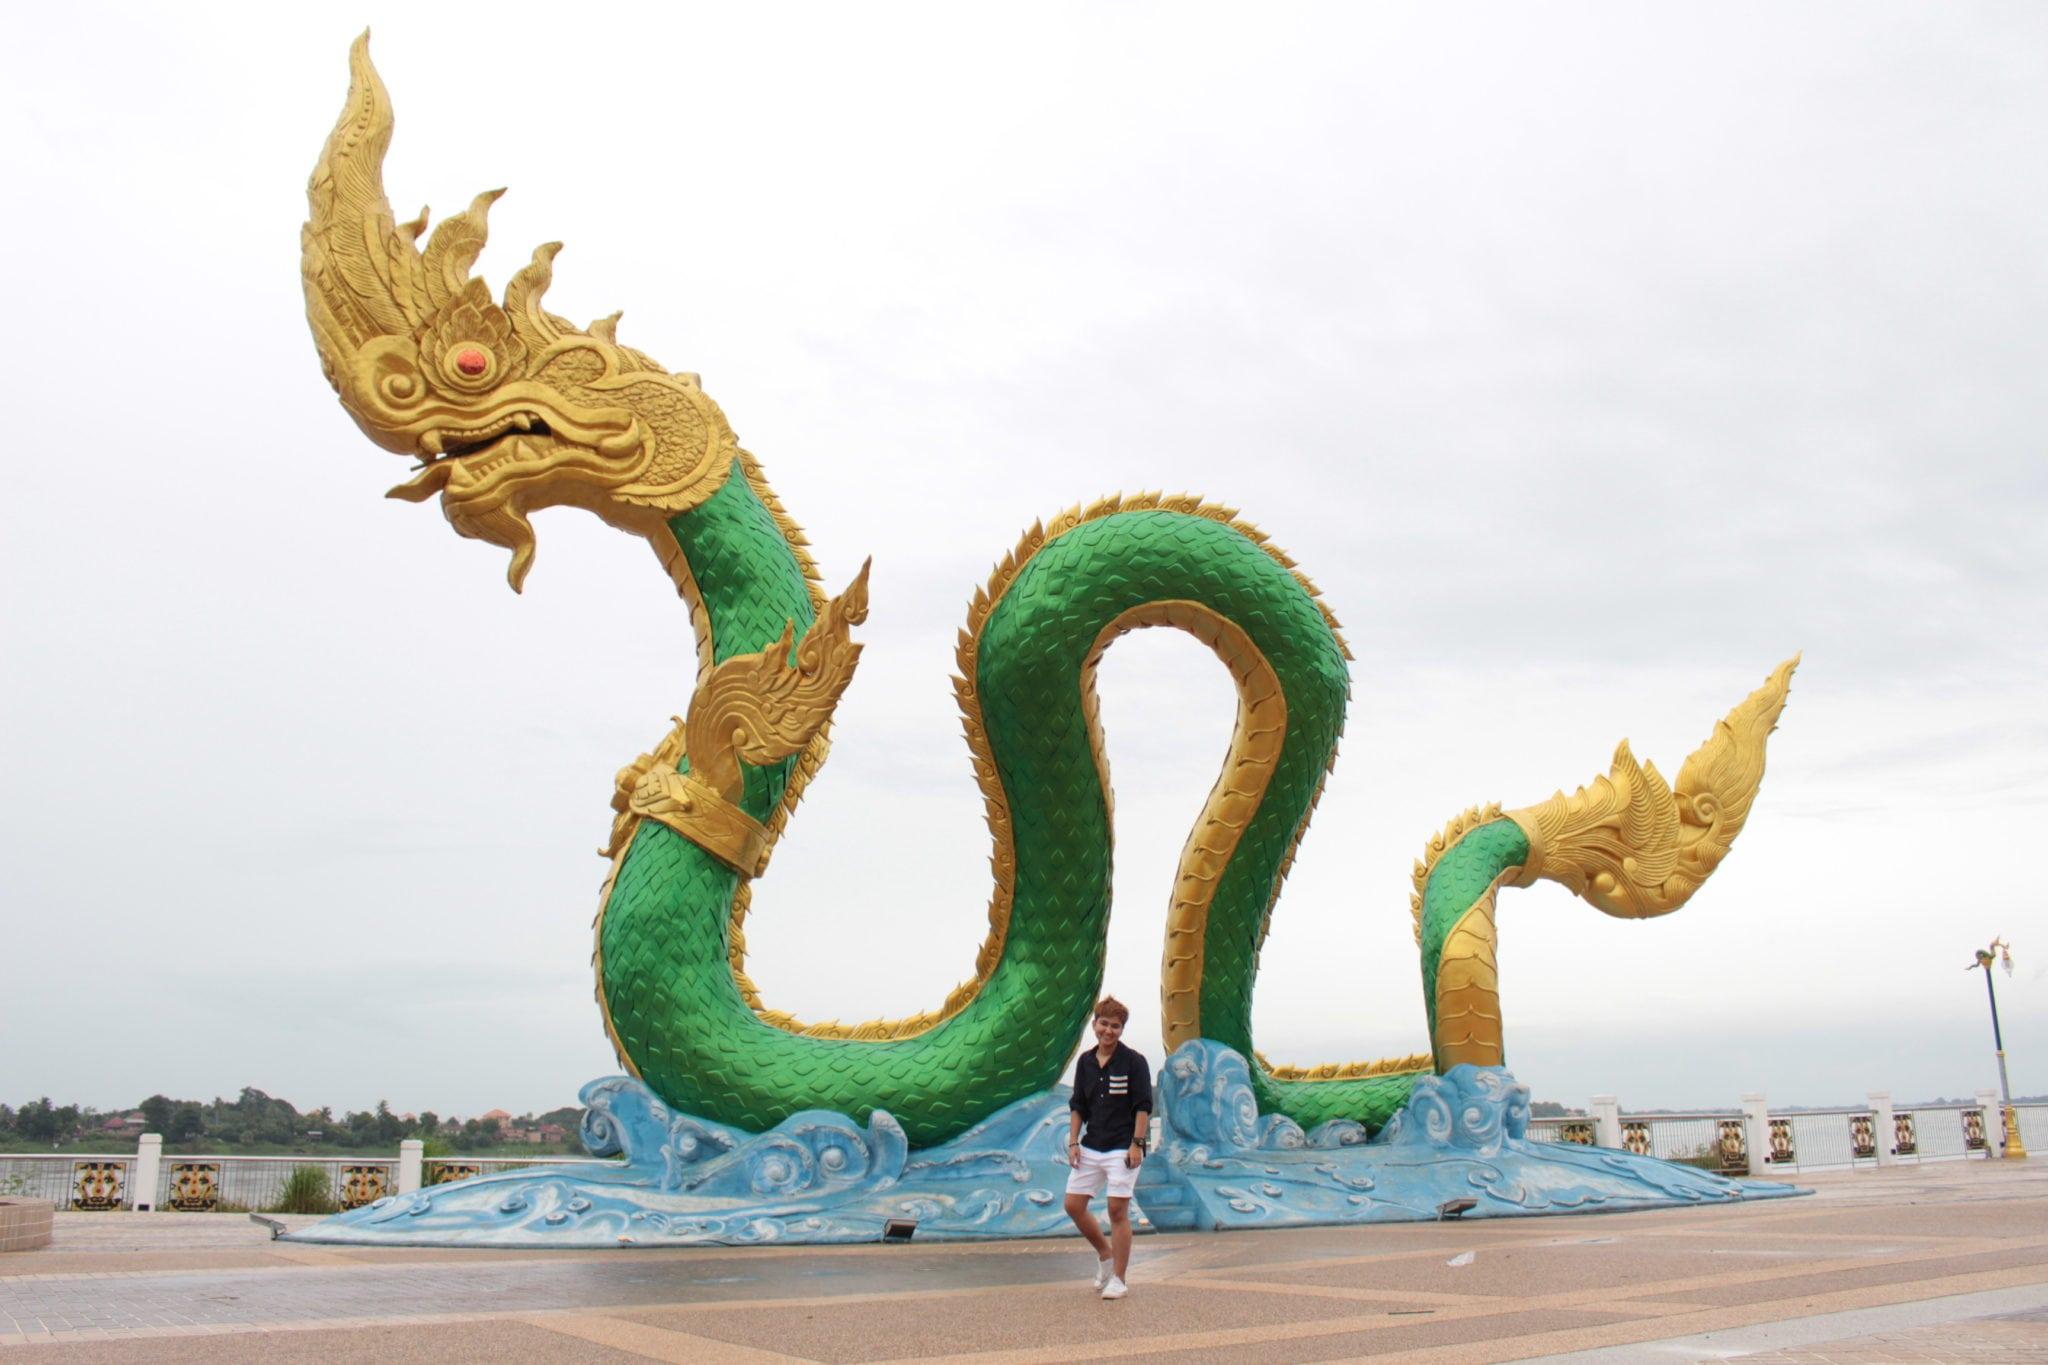 ที่เที่ยวอุดร หนองคาย ตลาดท่าเสด็จ ตลาดอินโดจีน